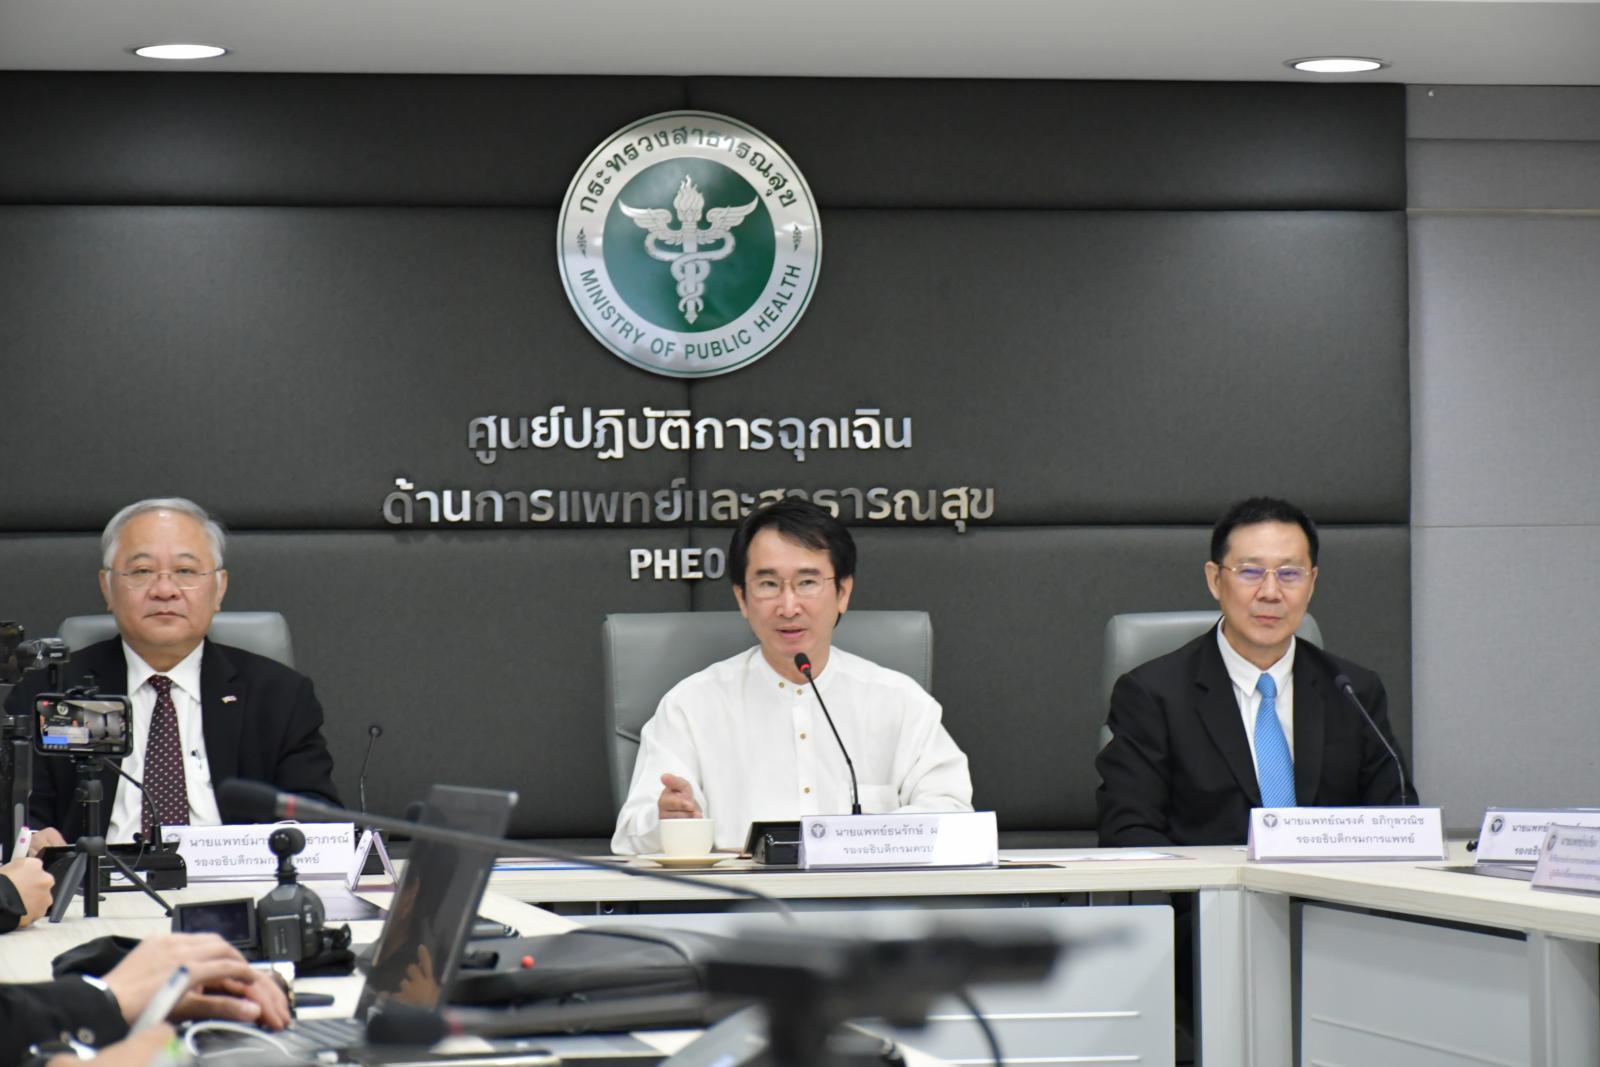 สธ.ย้ำผู้ป่วยโคโรนายืนยันในไทย 14 ราย  ล้วนมีประวัติเดินทางจากจีน ยังไม่พบติดเชื้อในประเทศ